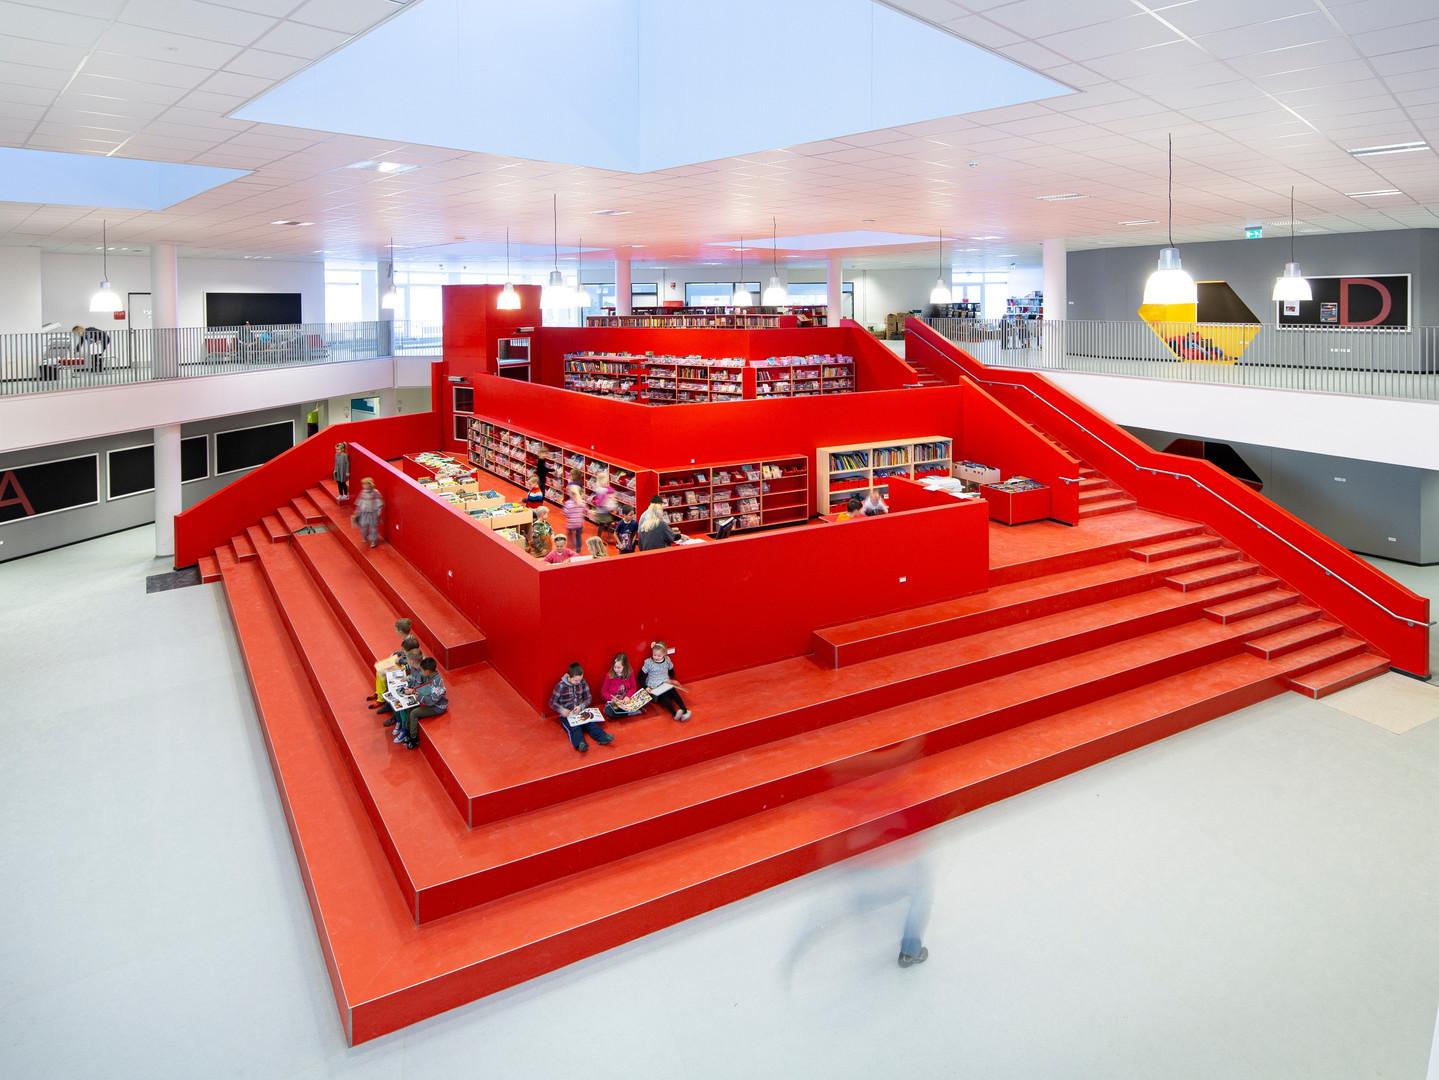 Nordstjerneskolen, Frederikshavn / 2011-12